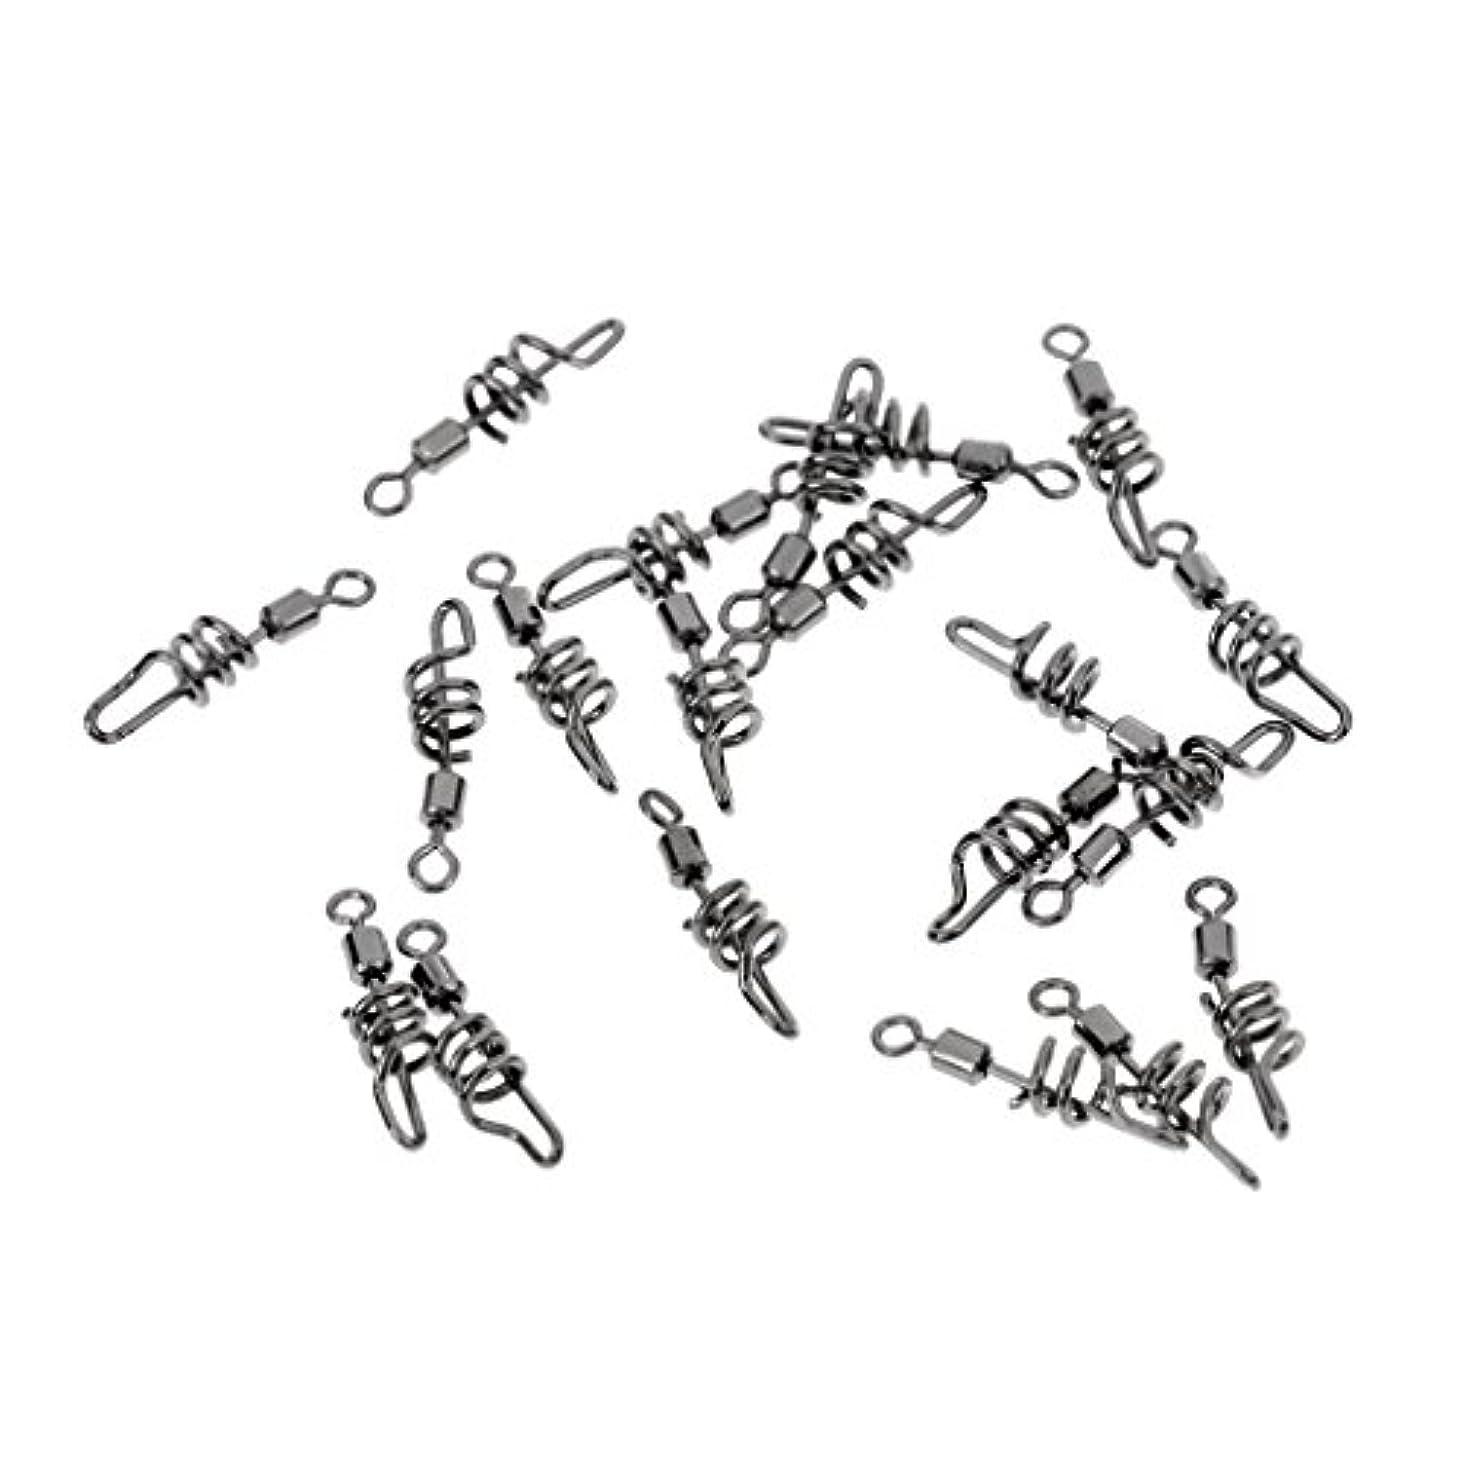 哀れな記事アカデミックノーブランド品  約20個入り フィッシング スイベル  スワール クリップ コークスクリュー リンク クイック チェンジ 5サイズ選べる  - 8#